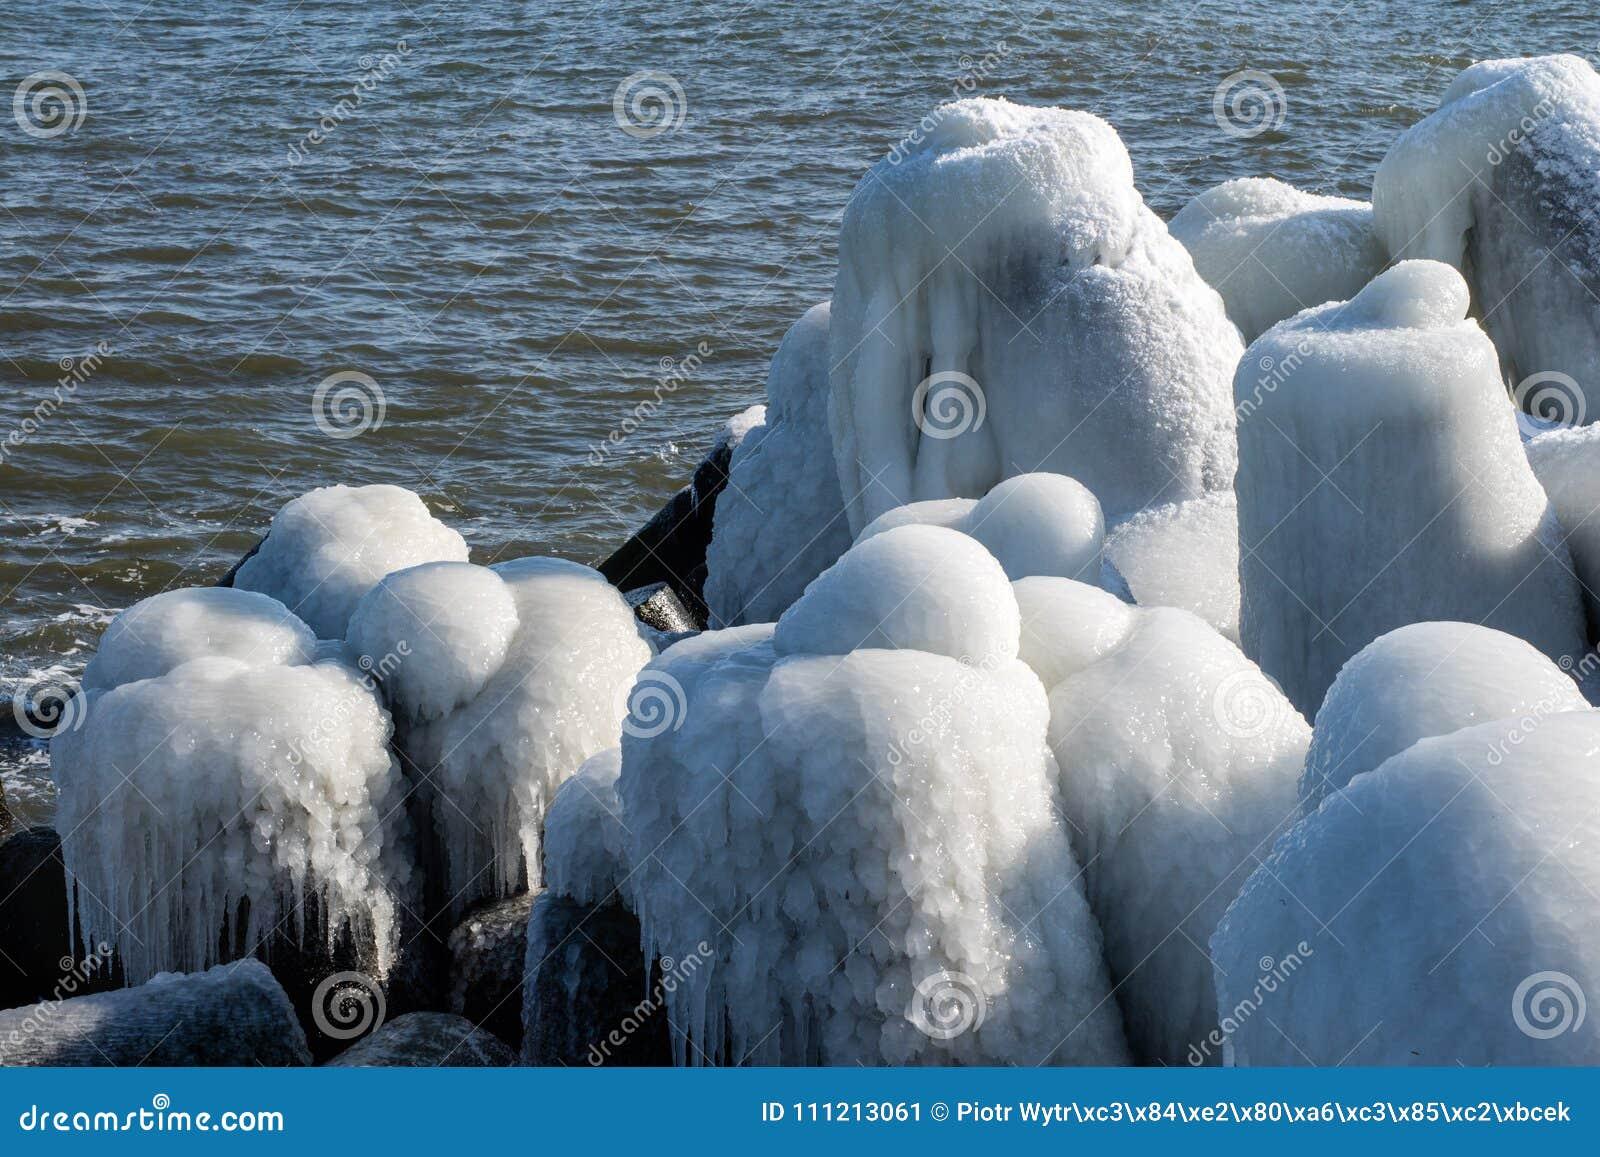 波罗的海在波兰 对口岸的入口,冰川覆盖的混凝土